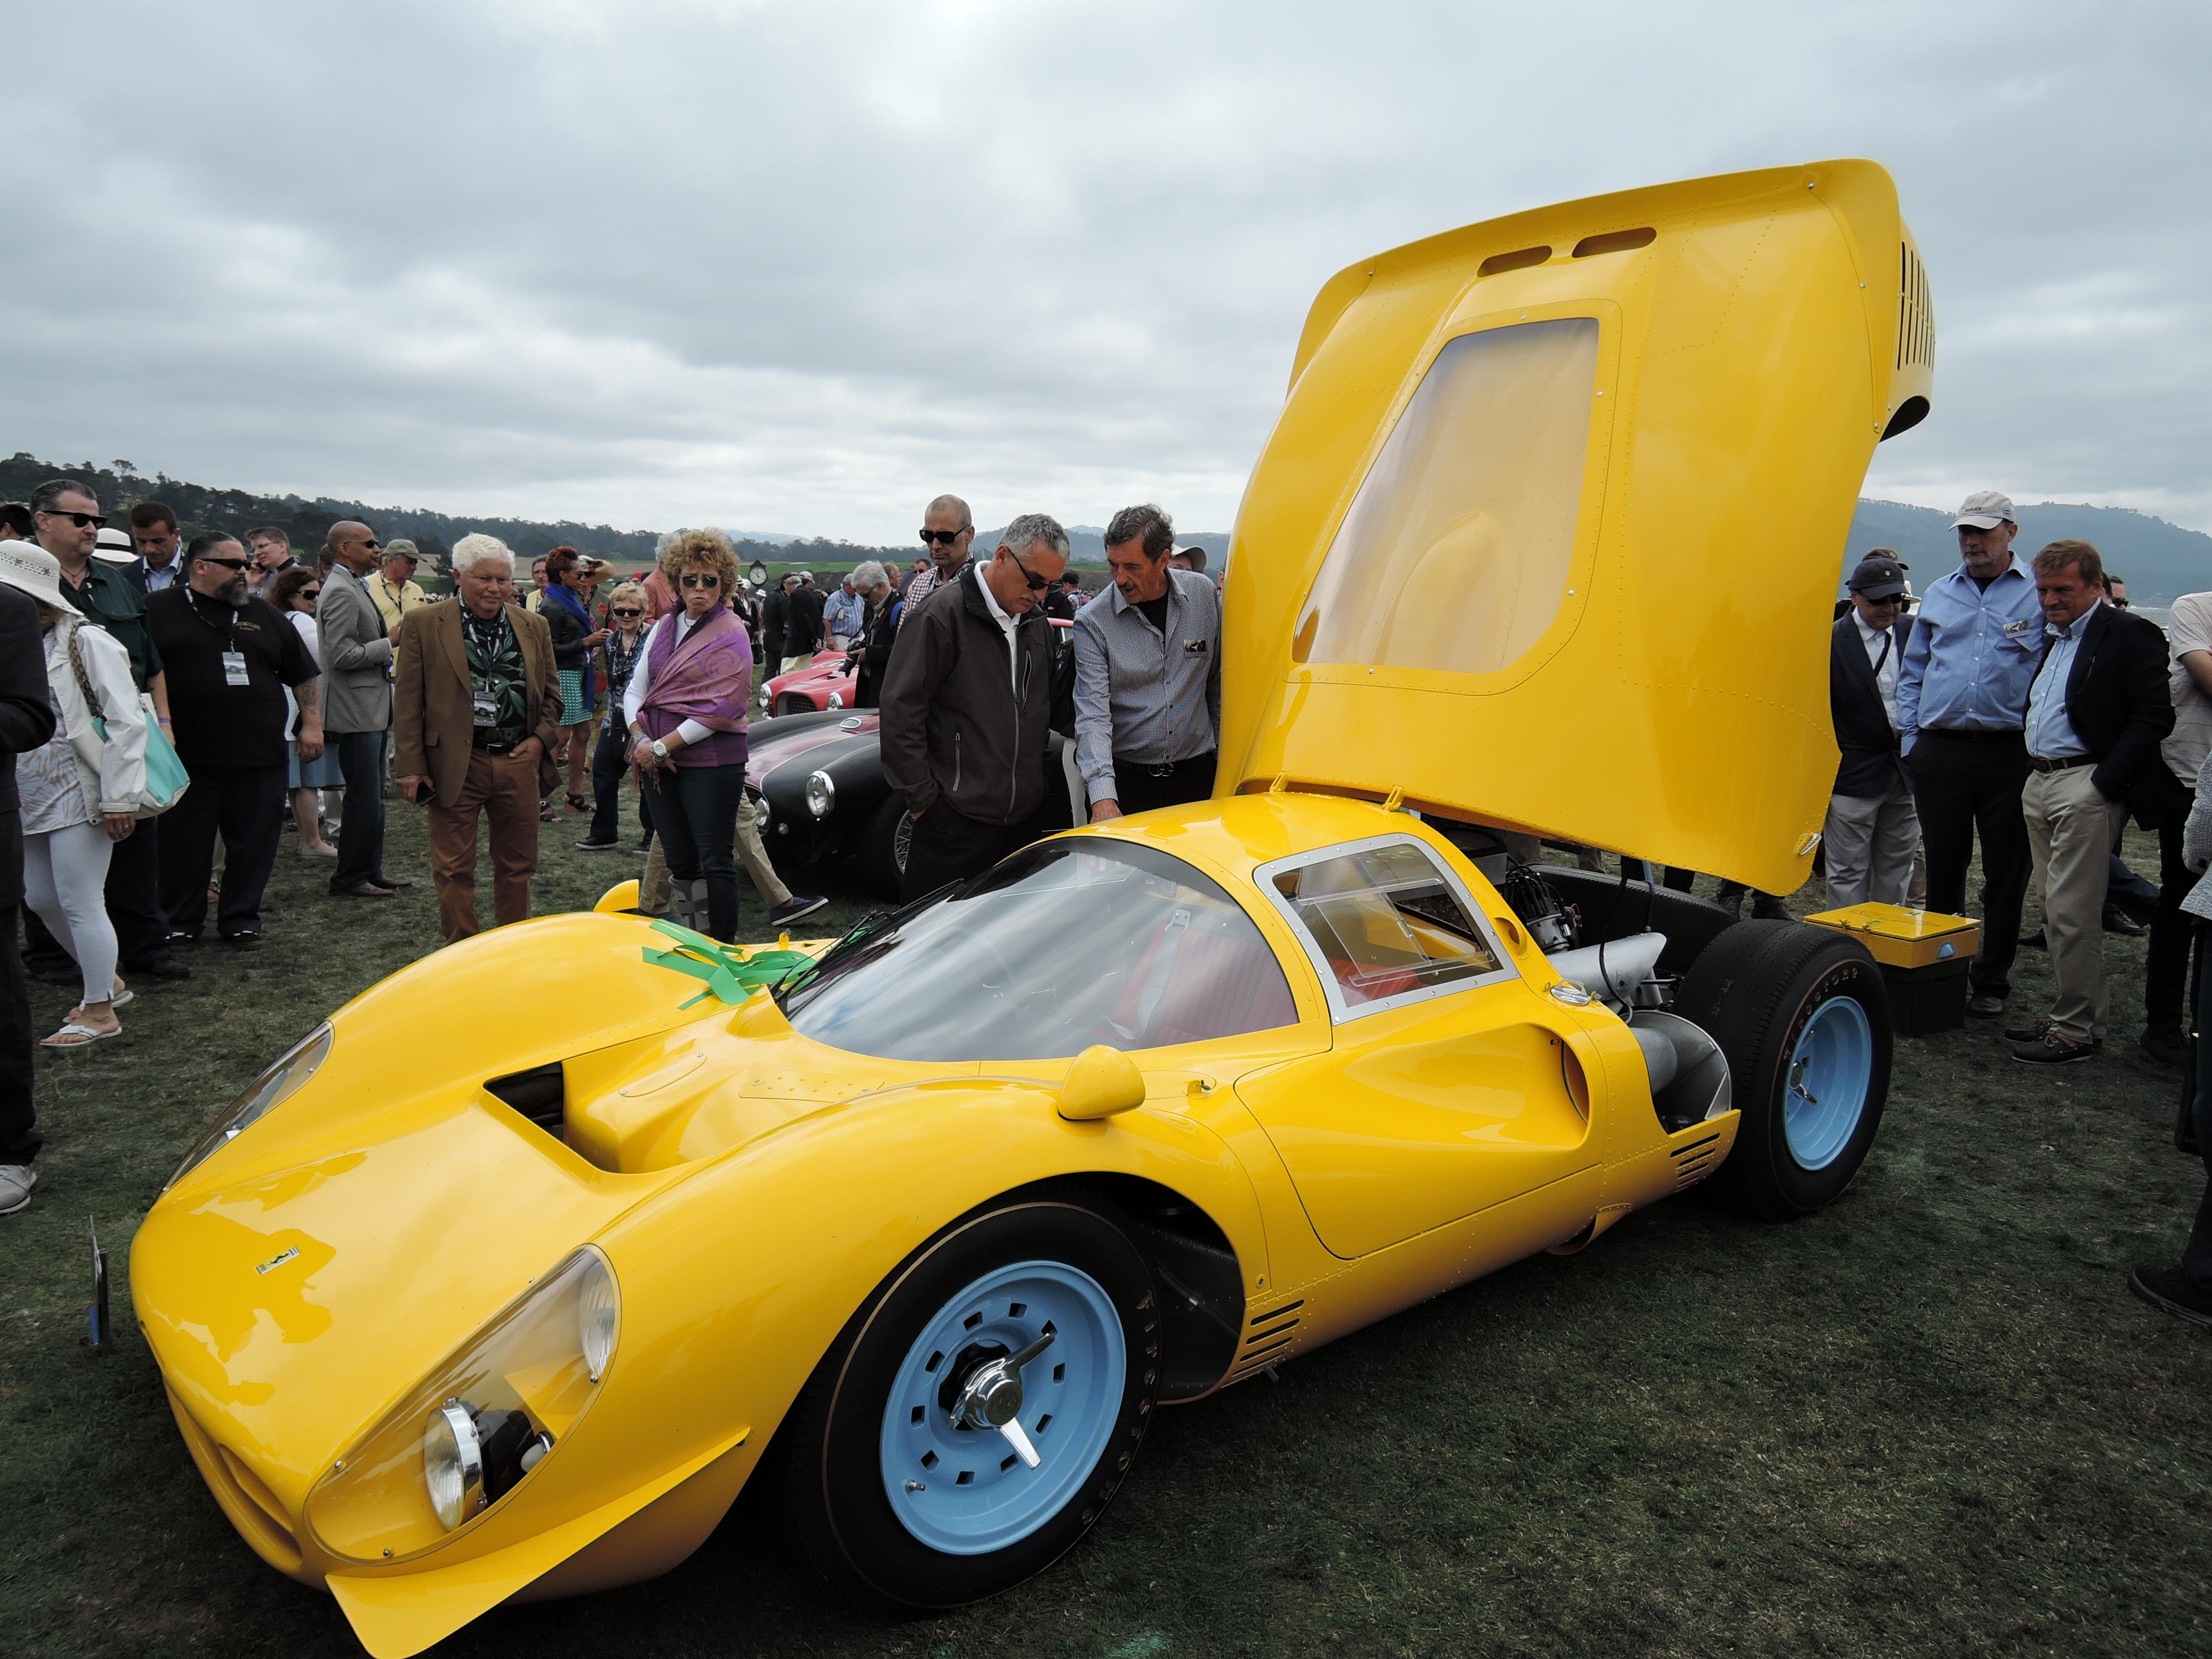 yellow 1967 Ferrari 412 P Competizione; Sn 0850 - Pebble Beach Concours d'Elegance 2017